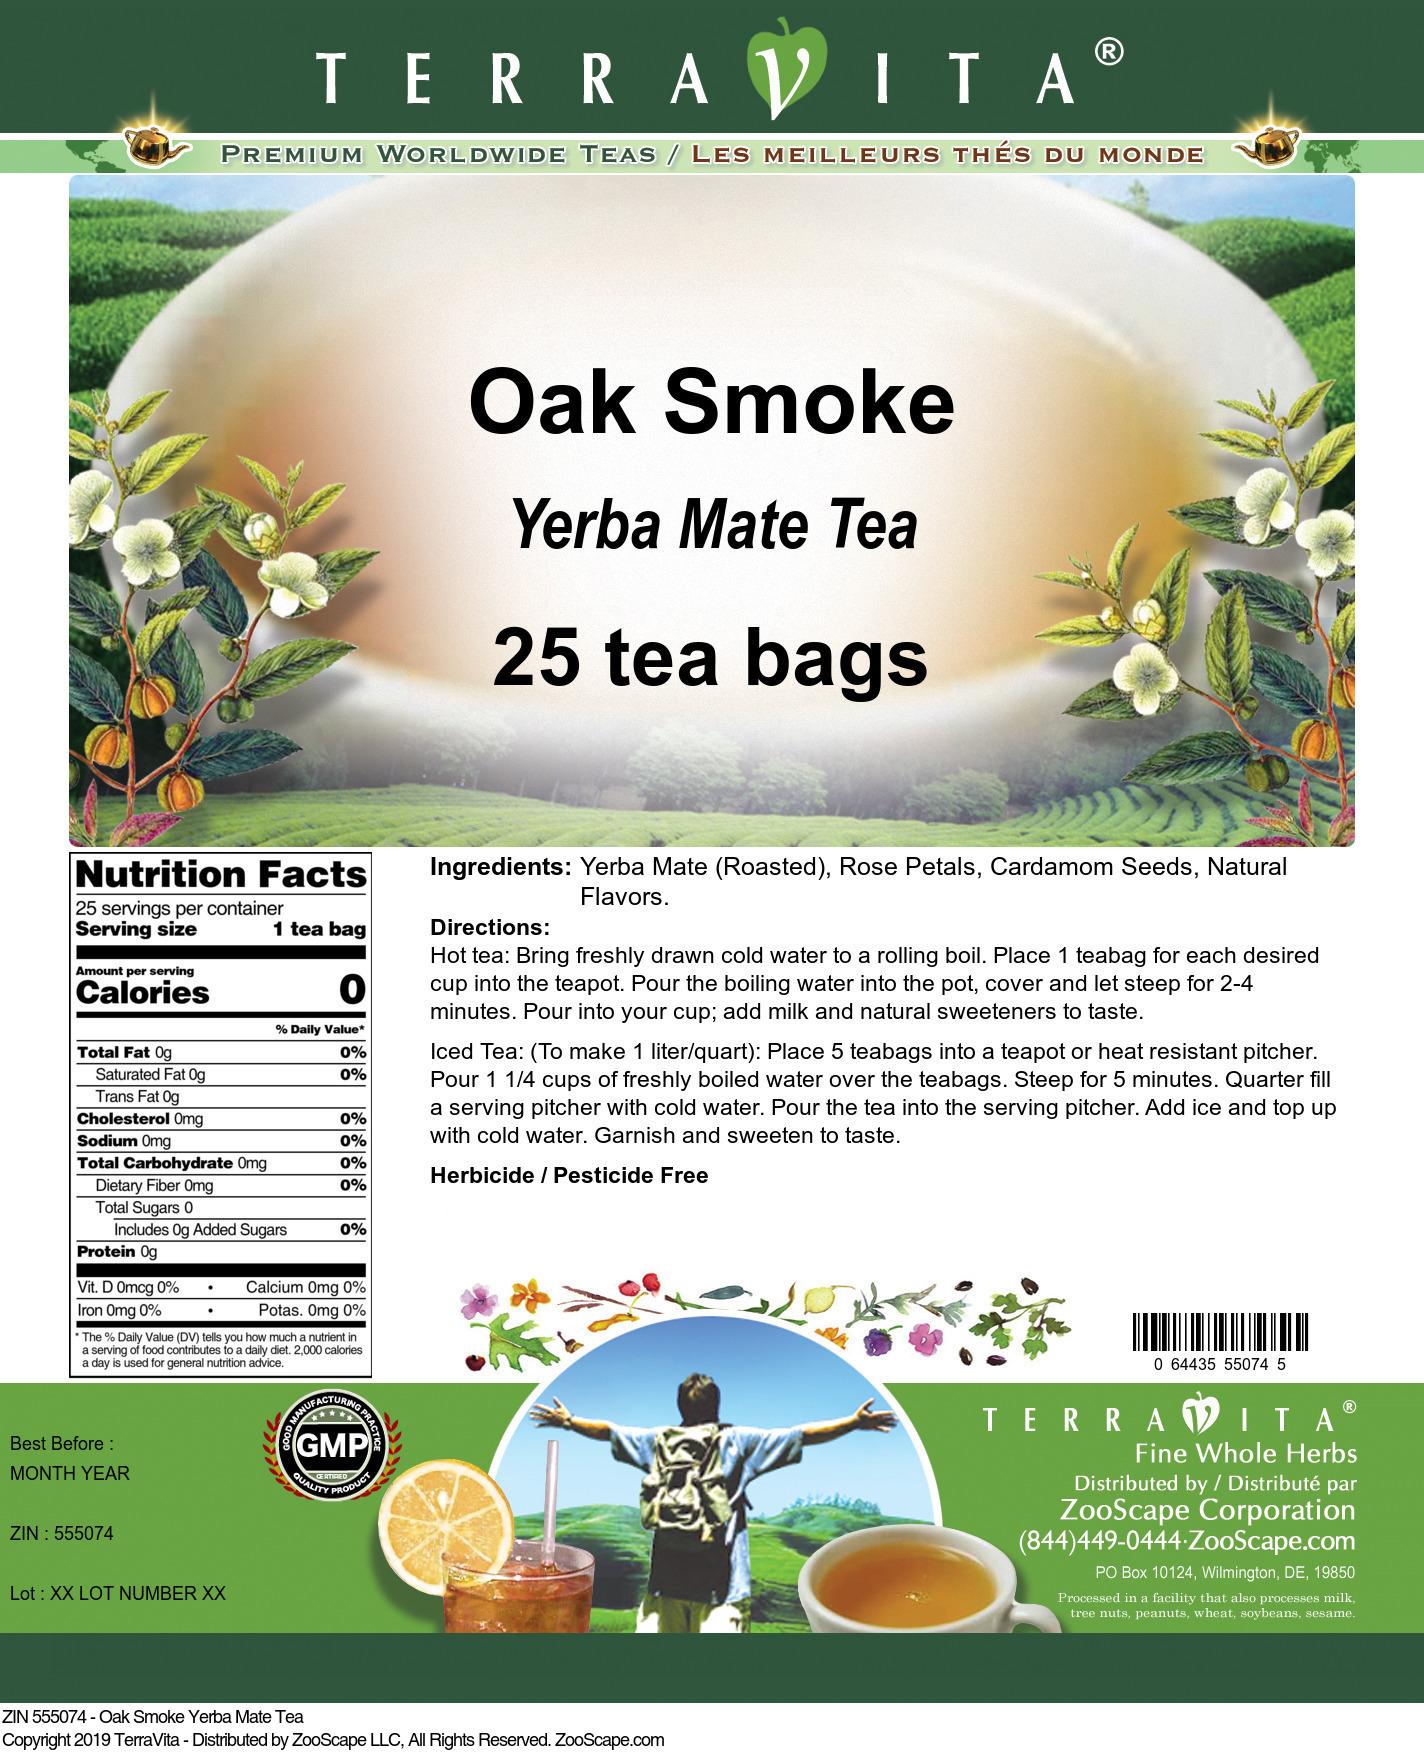 Oak Smoke Yerba Mate